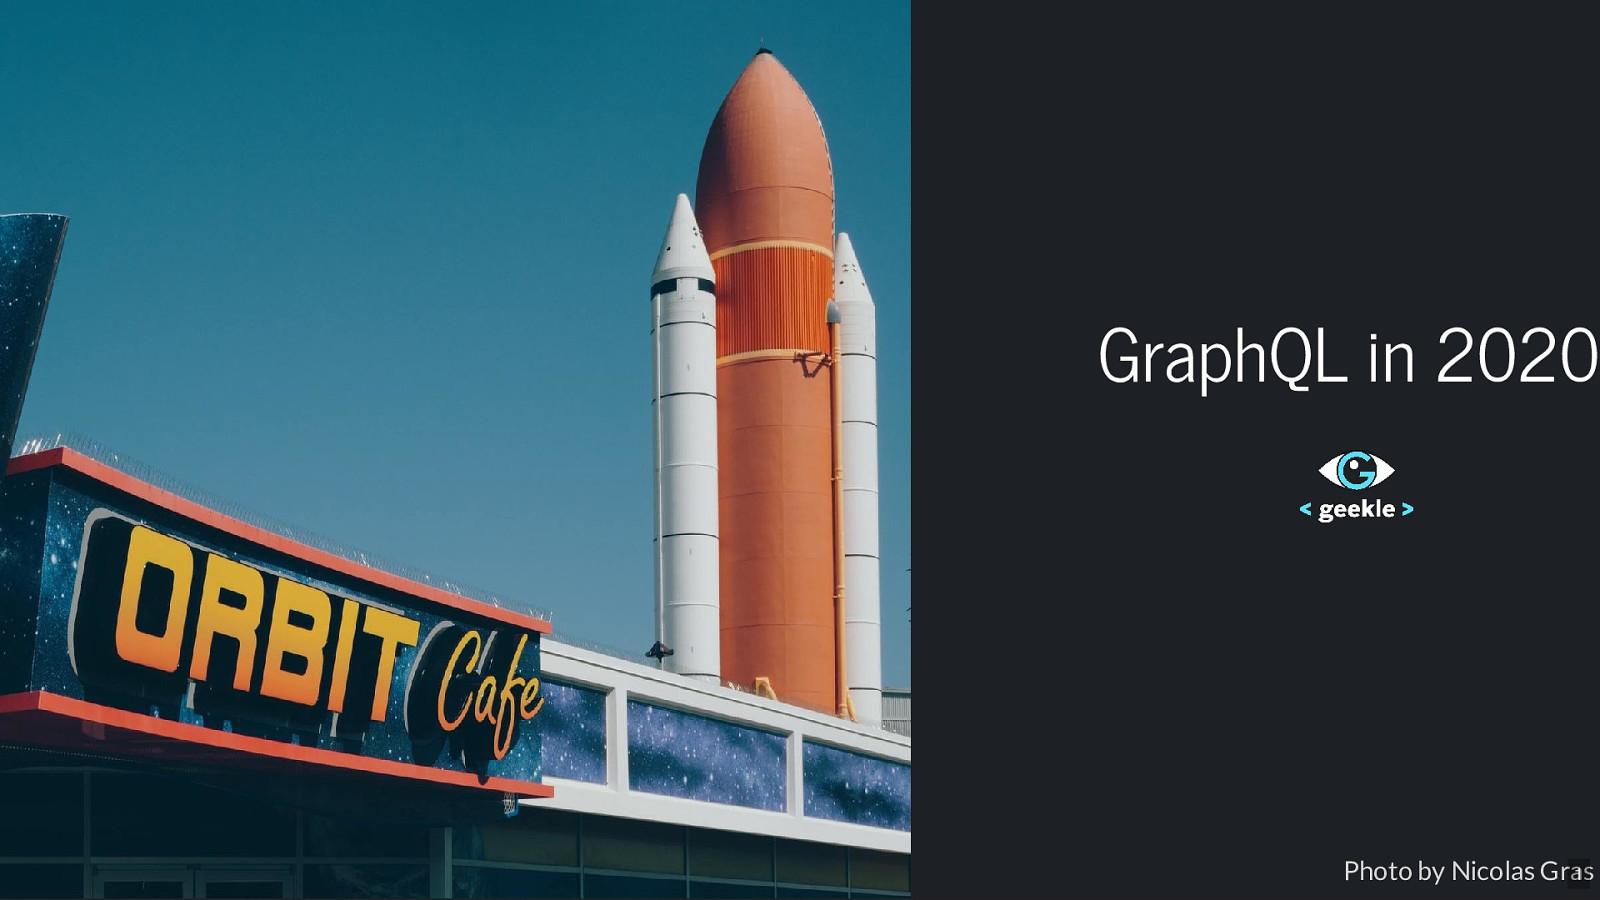 GraphQL in 2020